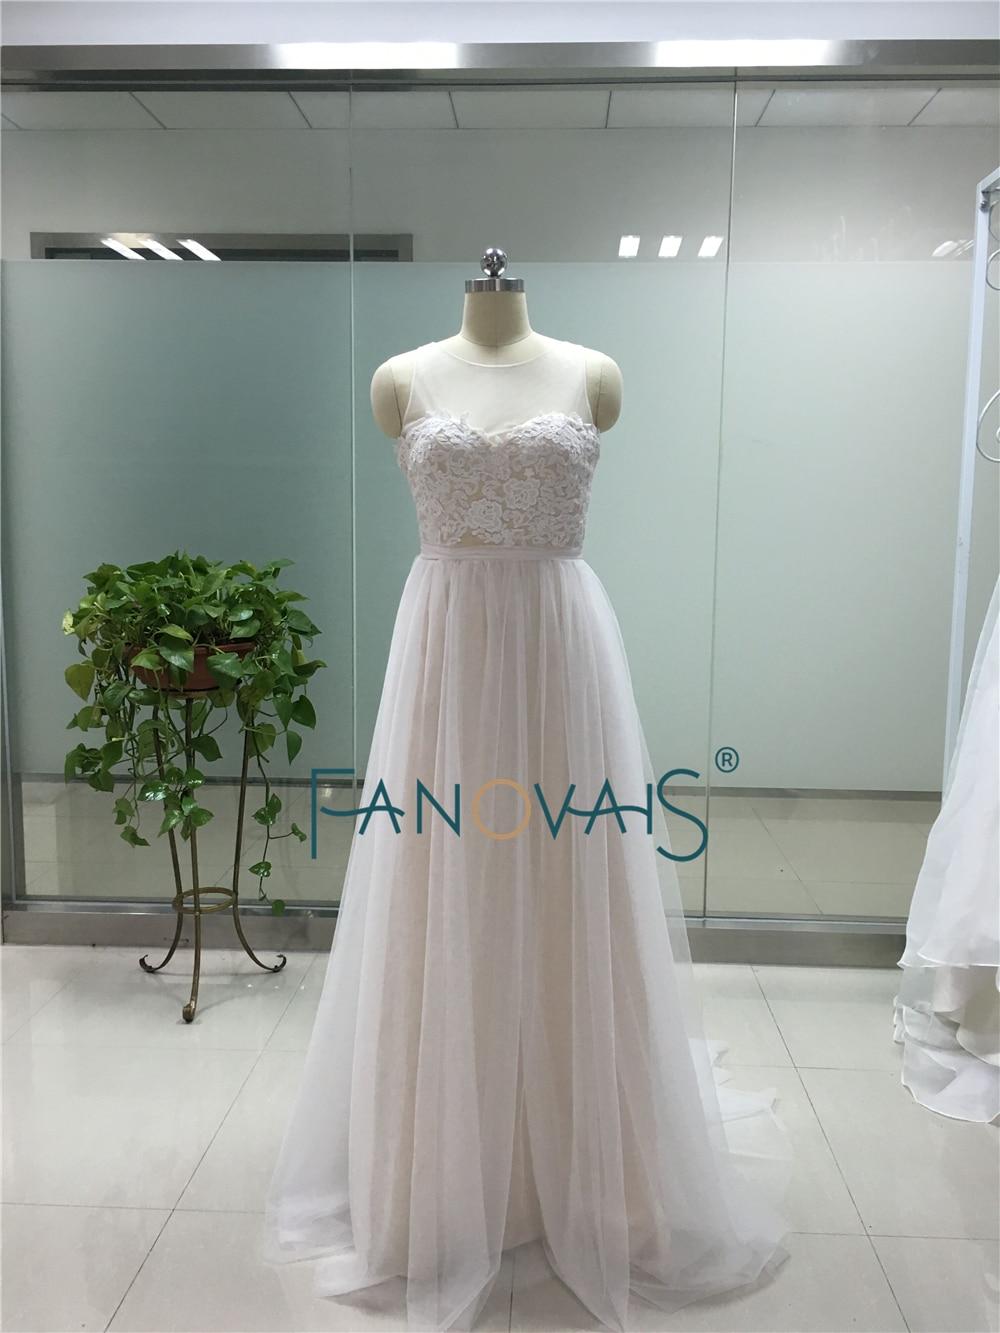 Einfache Sleeveless Eine Linie Günstige Brautkleid 2016 Ziemlich ...